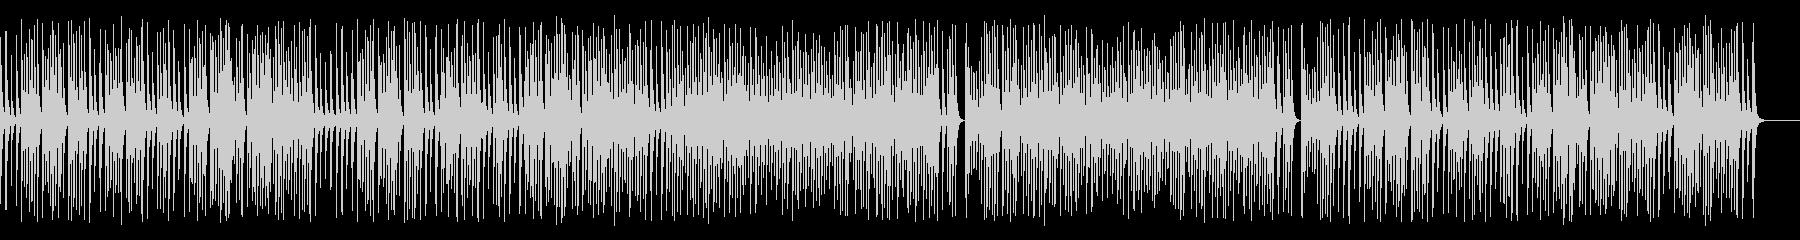 木琴がコロコロ可愛いジャズの名曲の未再生の波形